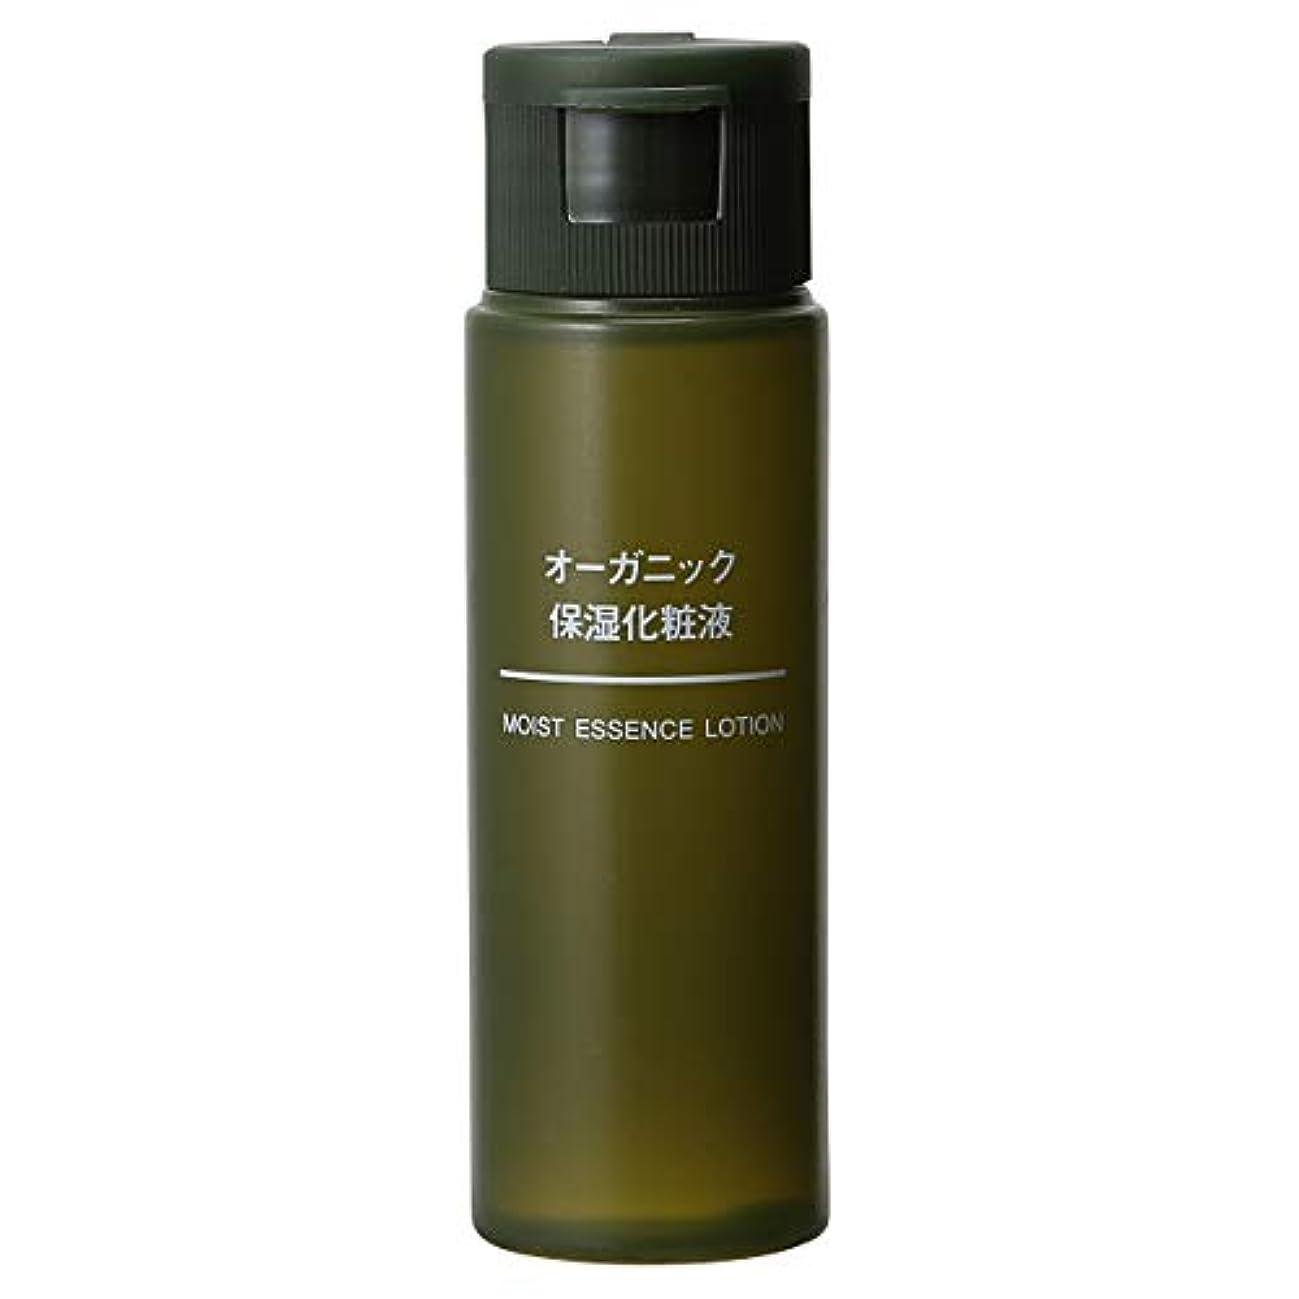 何もないビルダー勉強する無印良品 オーガニック保湿化粧液(携帯用) 50ml